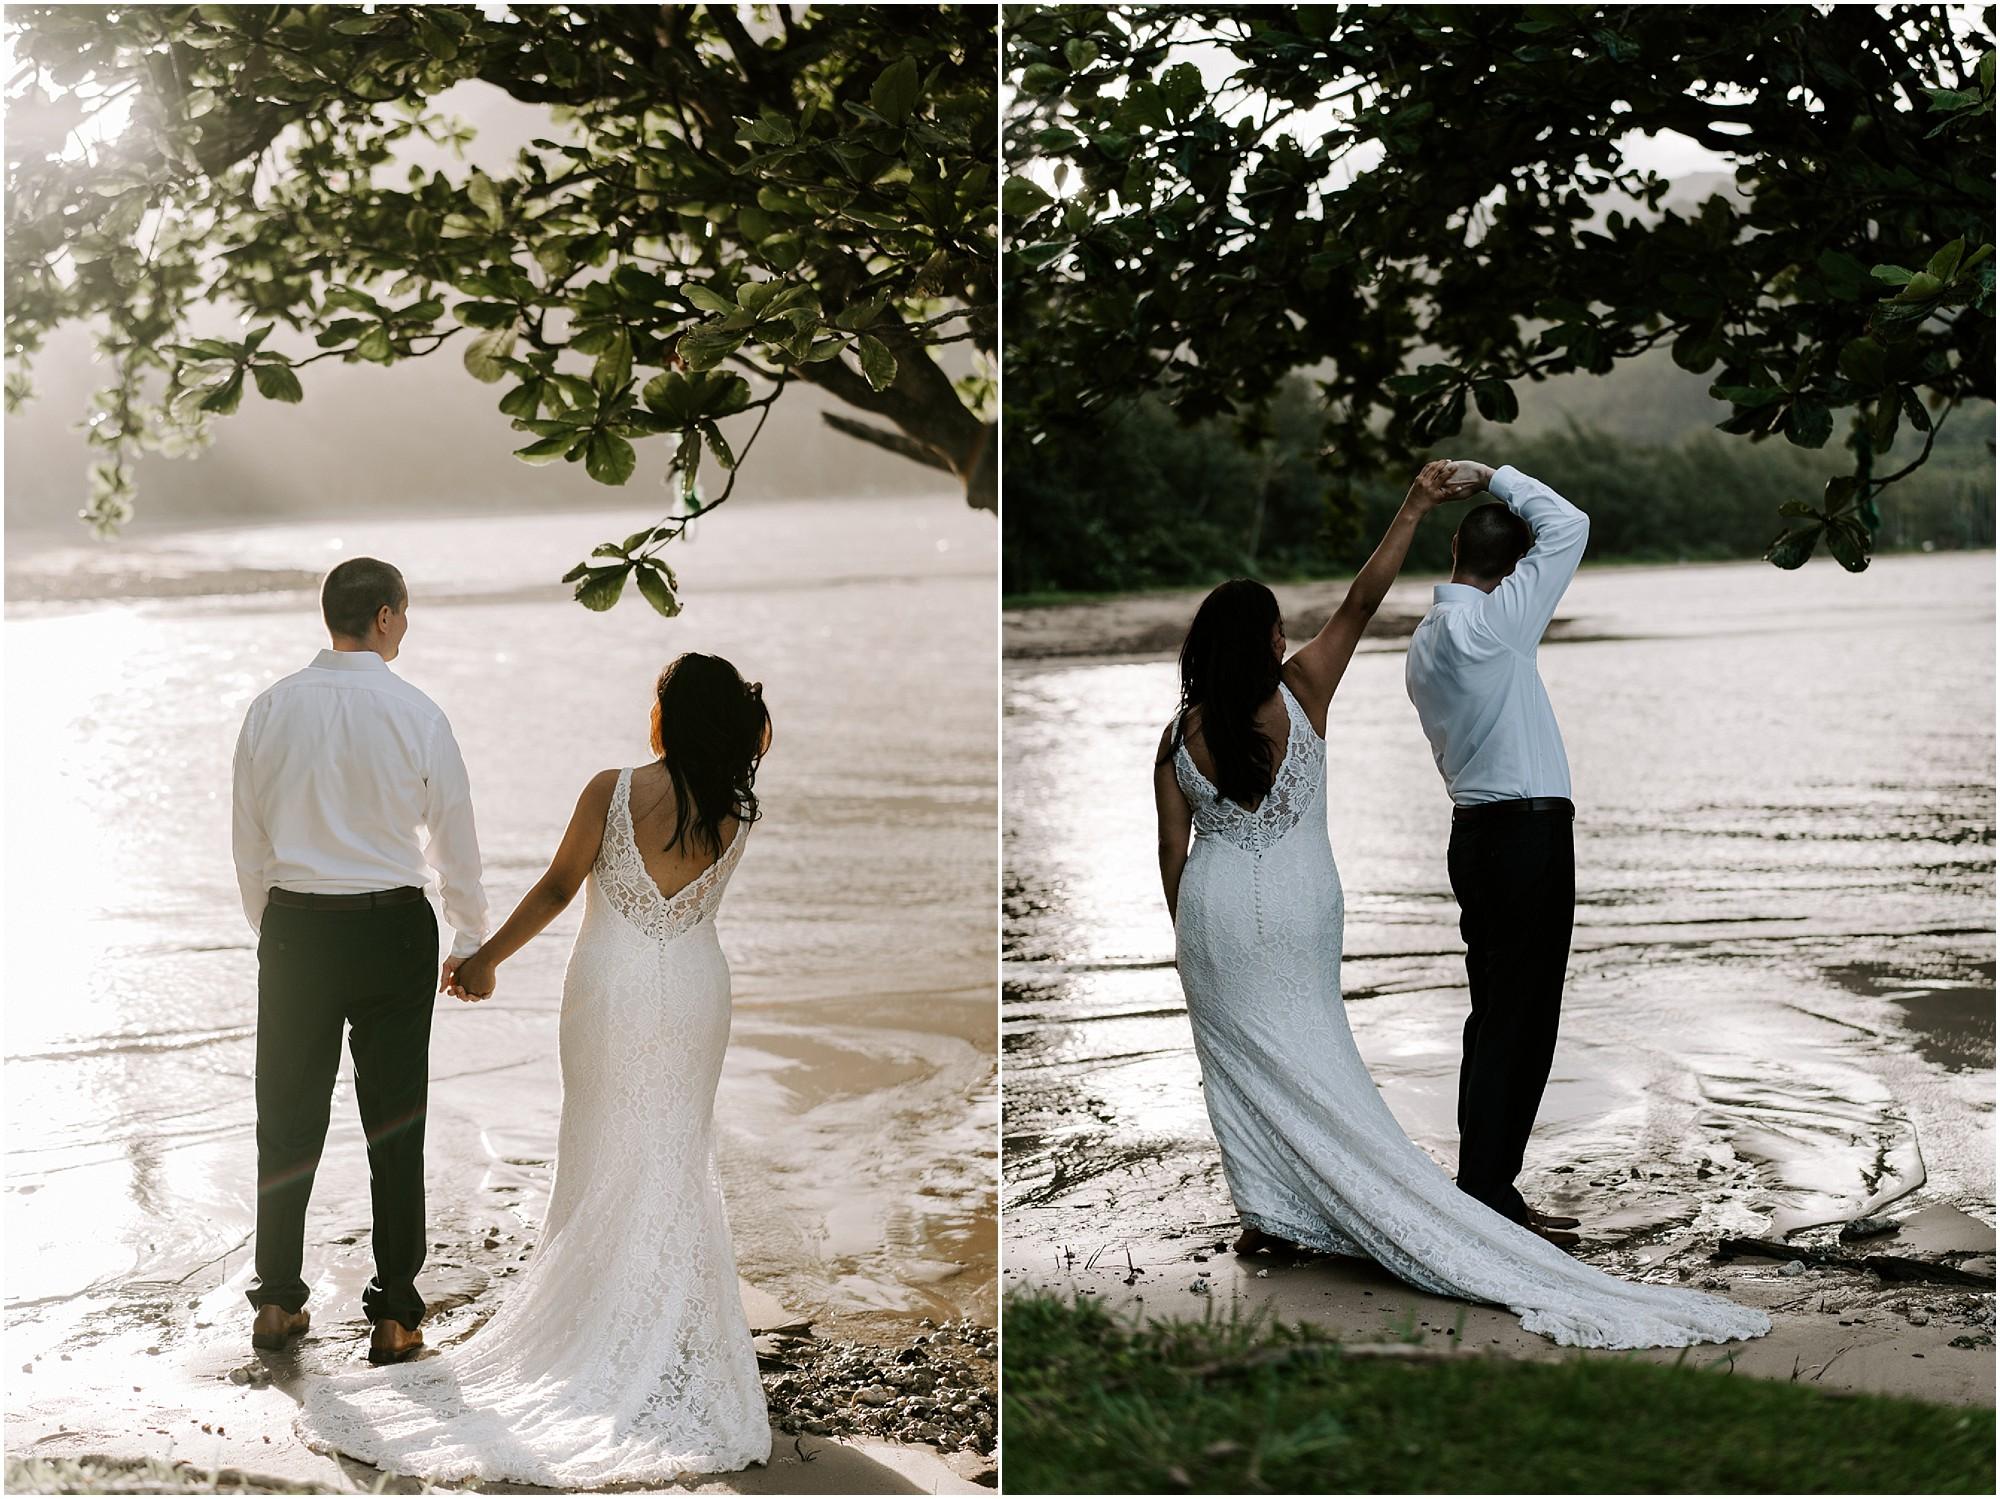 oahu-intimate-bridal-adventure-session_0010.jpg